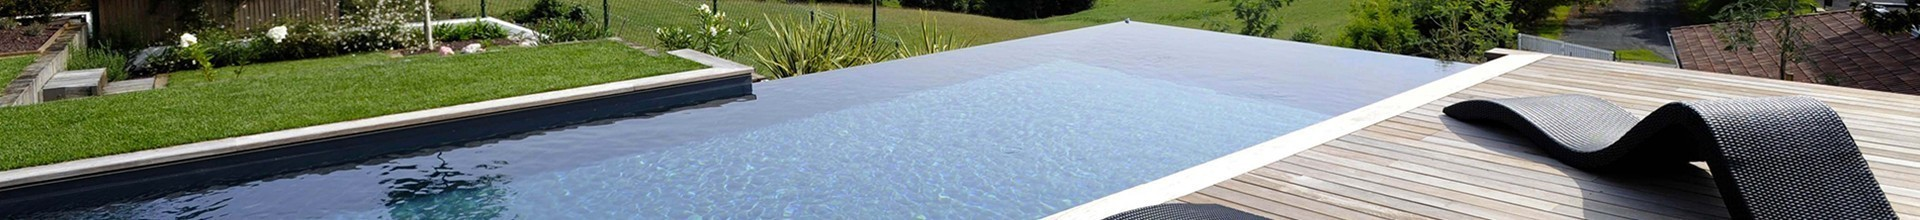 Occitanie Fabricant d'une piscine révolutionnaire et innovante